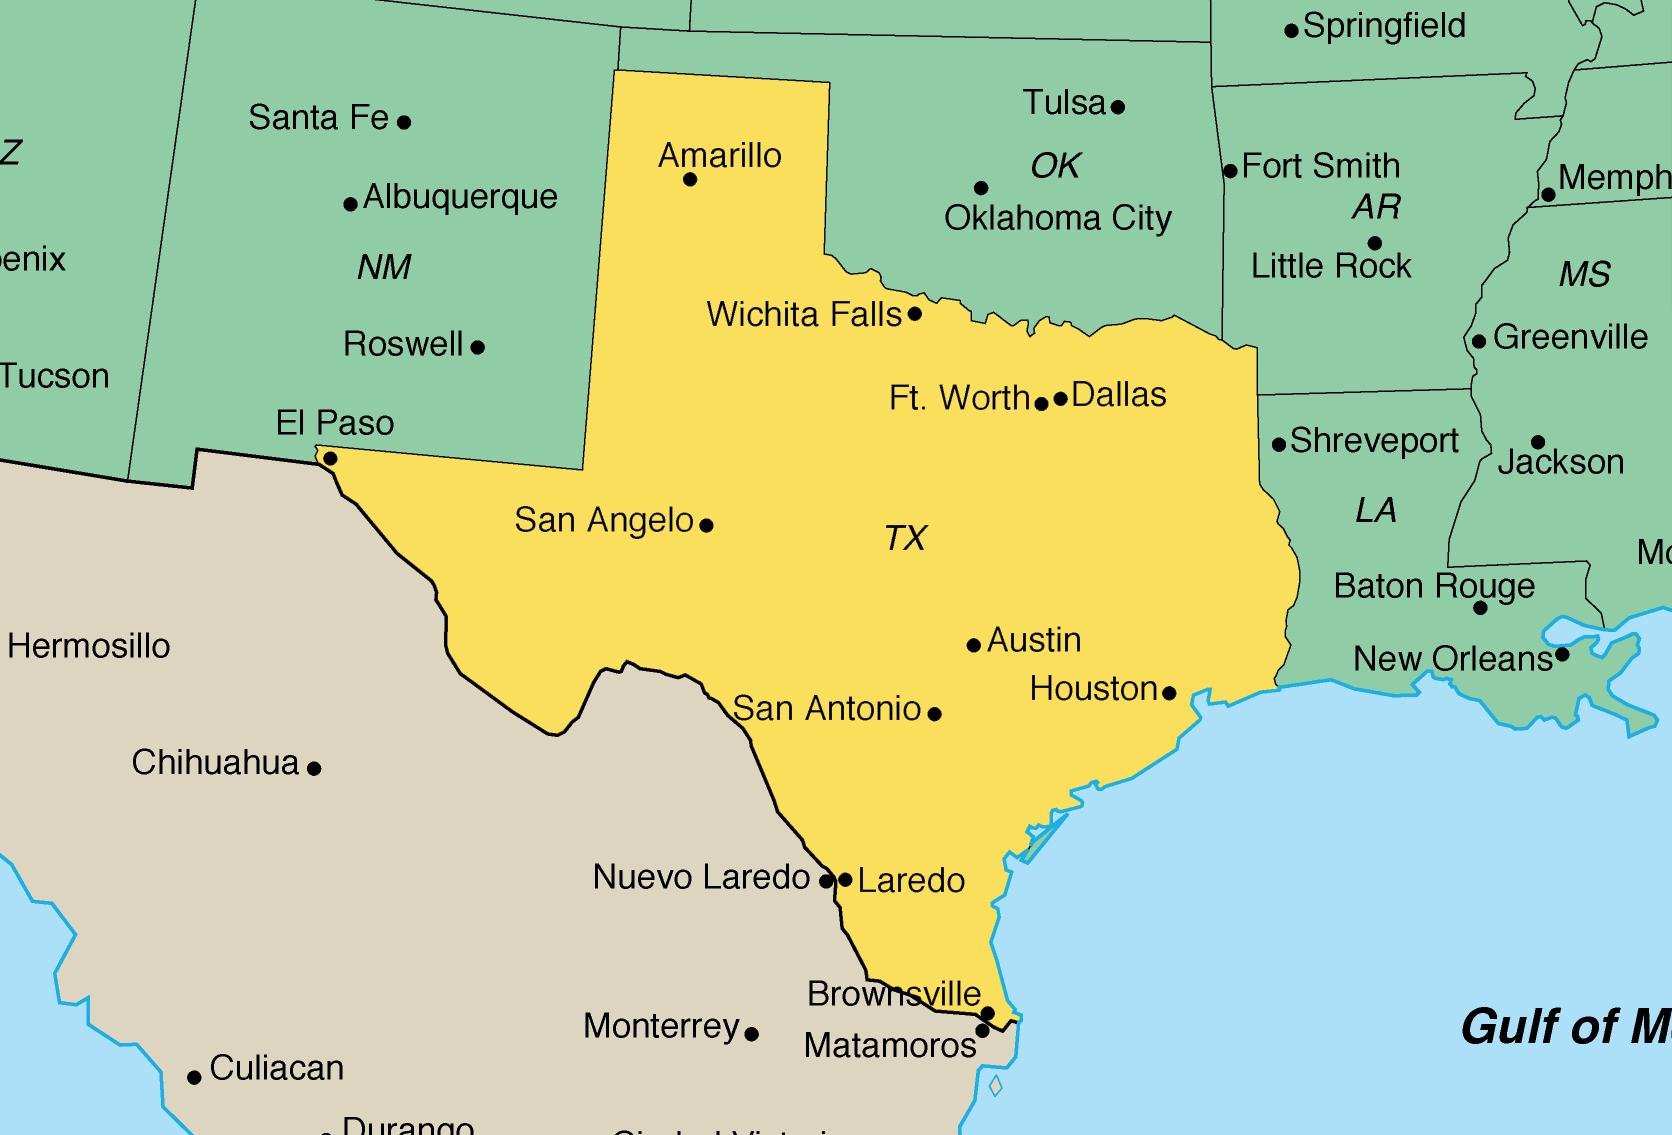 Printable Map of Texas